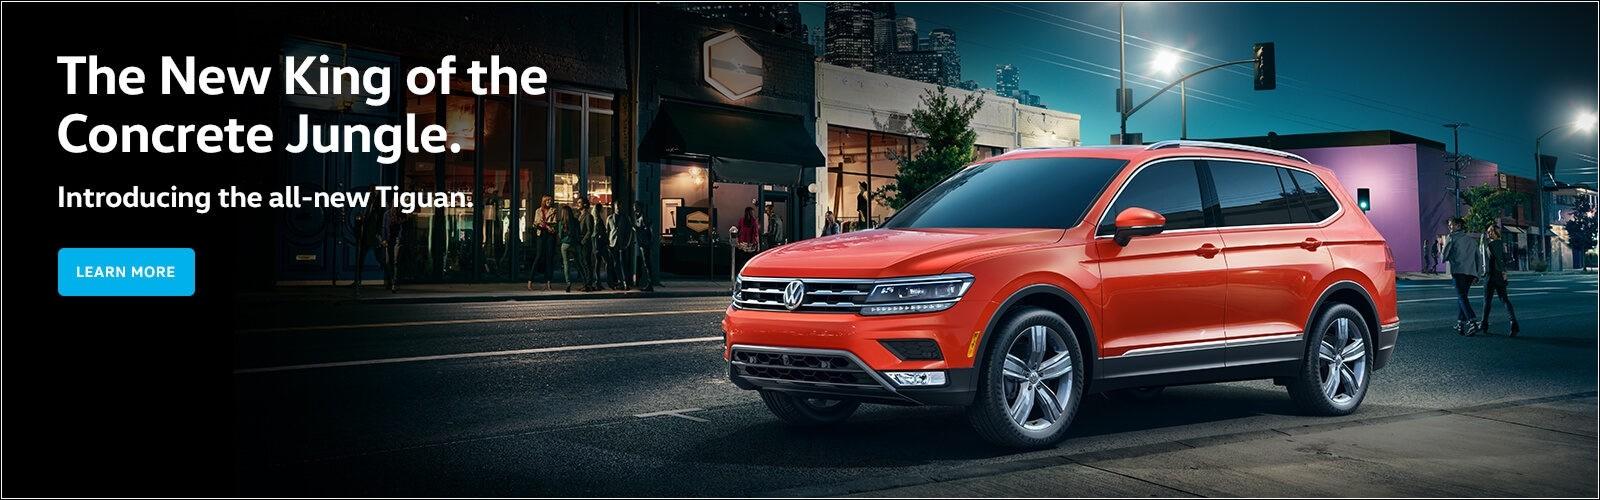 All-New Volkswagen Tiguan